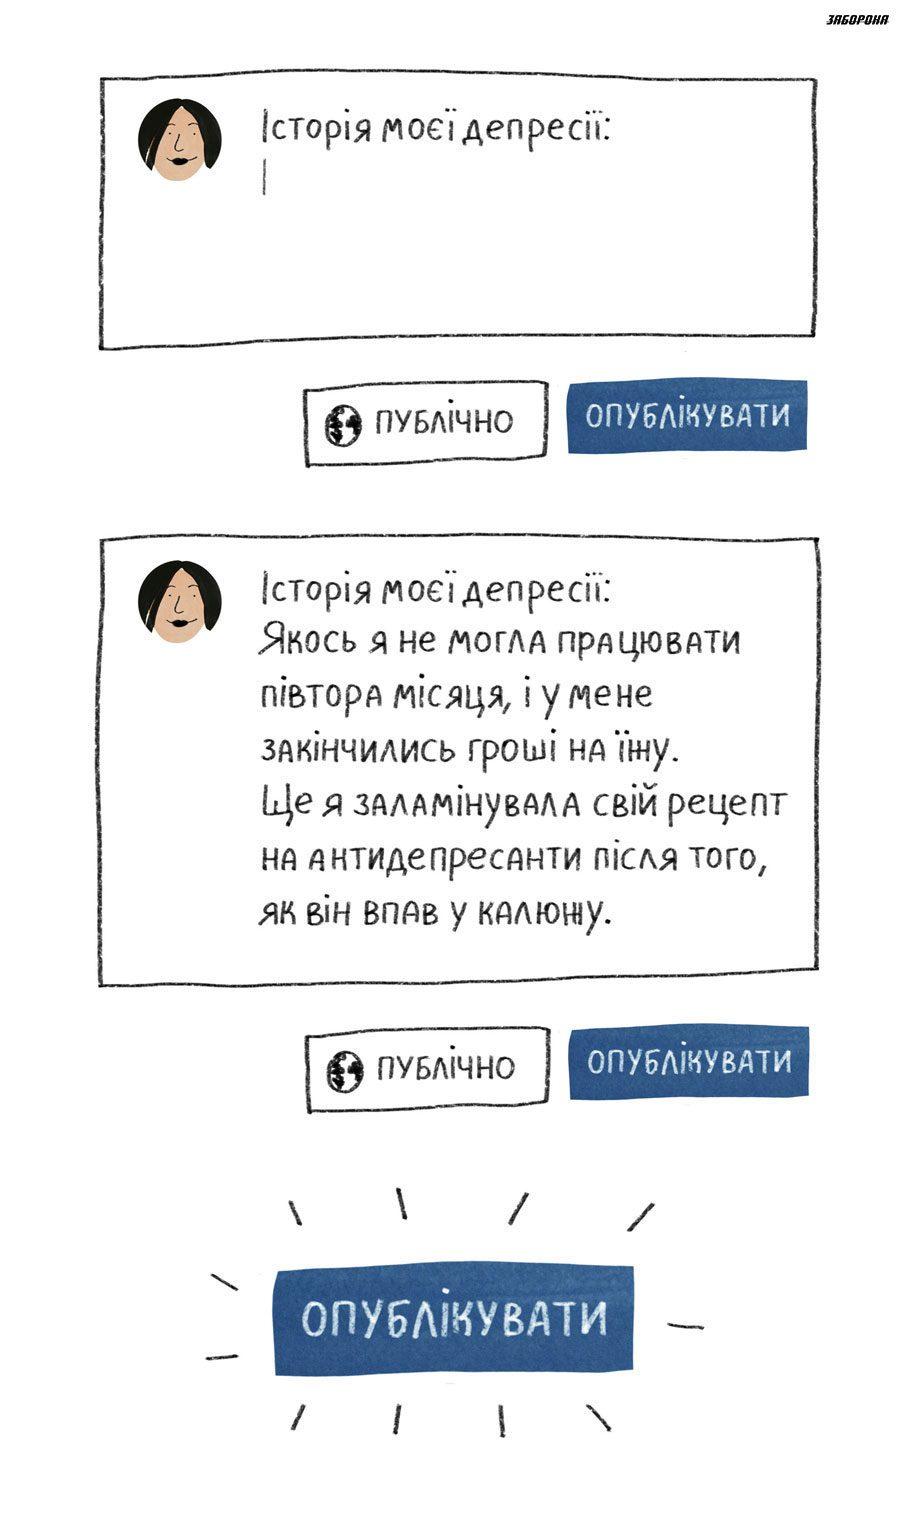 15 depression 2 - Женя Олійник: «Як я не стала адвокаткою психічного здоров'я» - Заборона